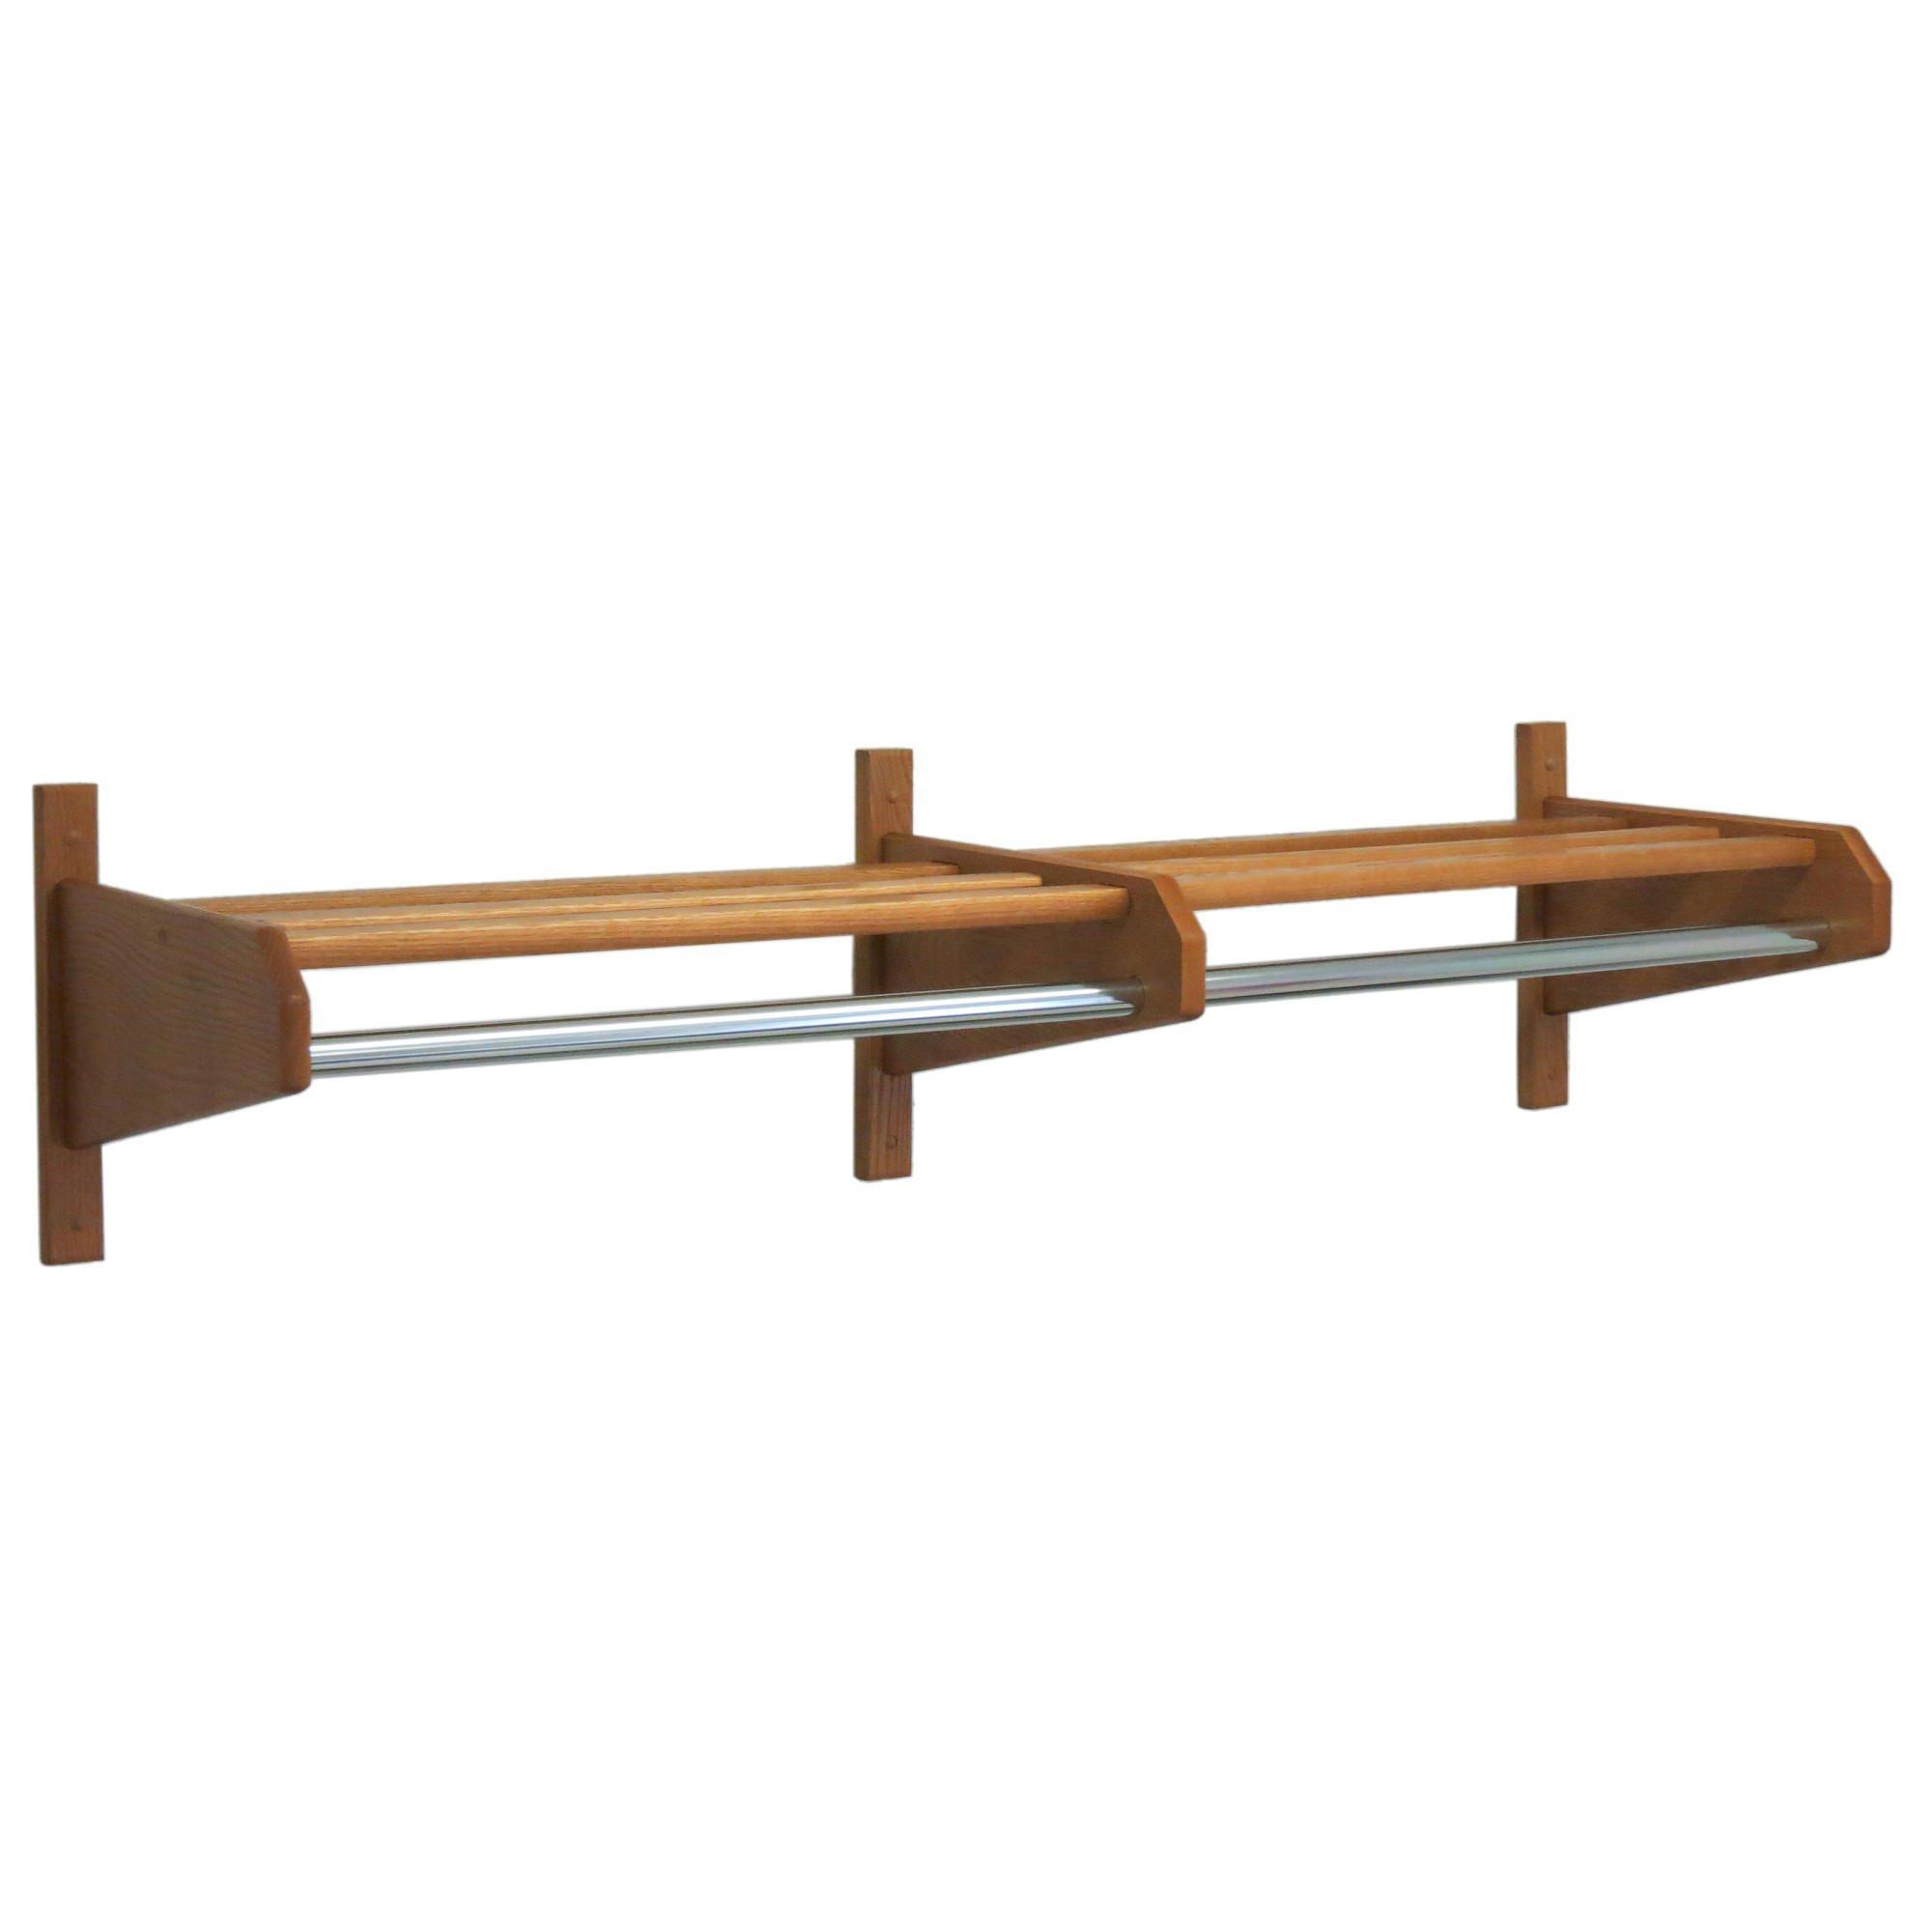 Luggage Pros 64'' Oak Coat & Hat Rack with Chrome Bar